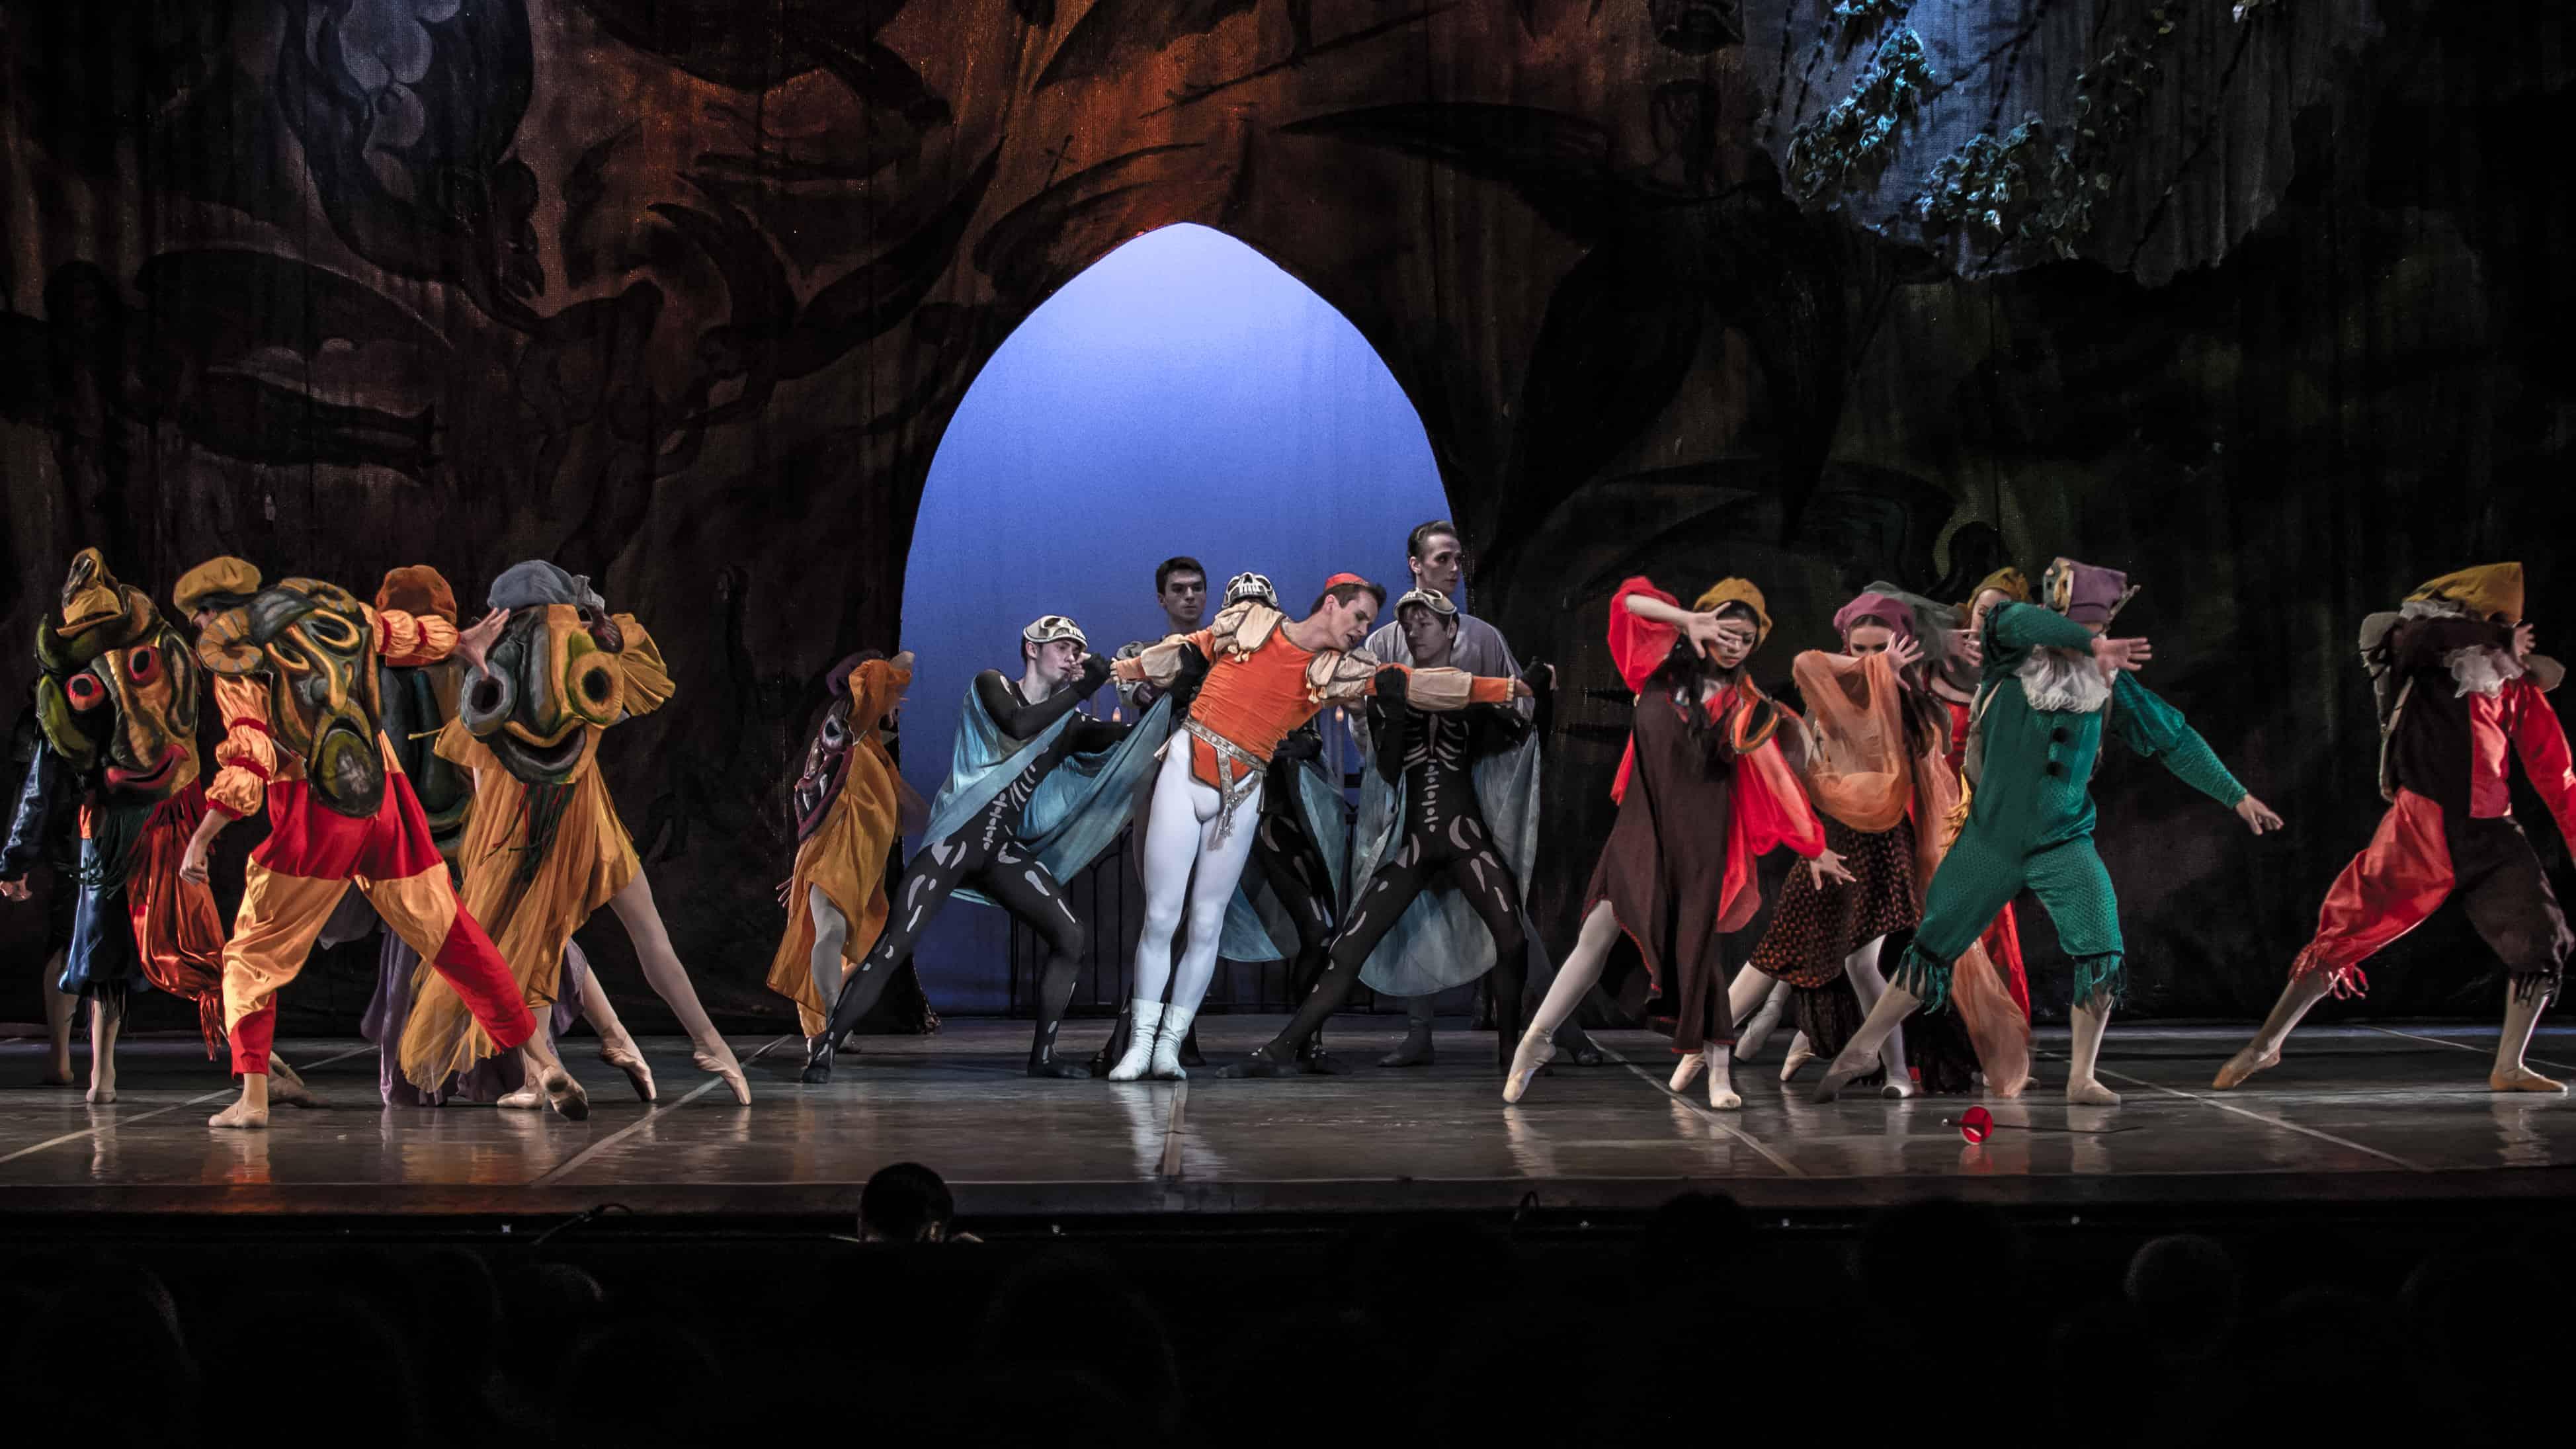 """Балет """"Ромео и Джульетта"""" Балет """"Ромео и Джульетта"""" DSC 3223"""